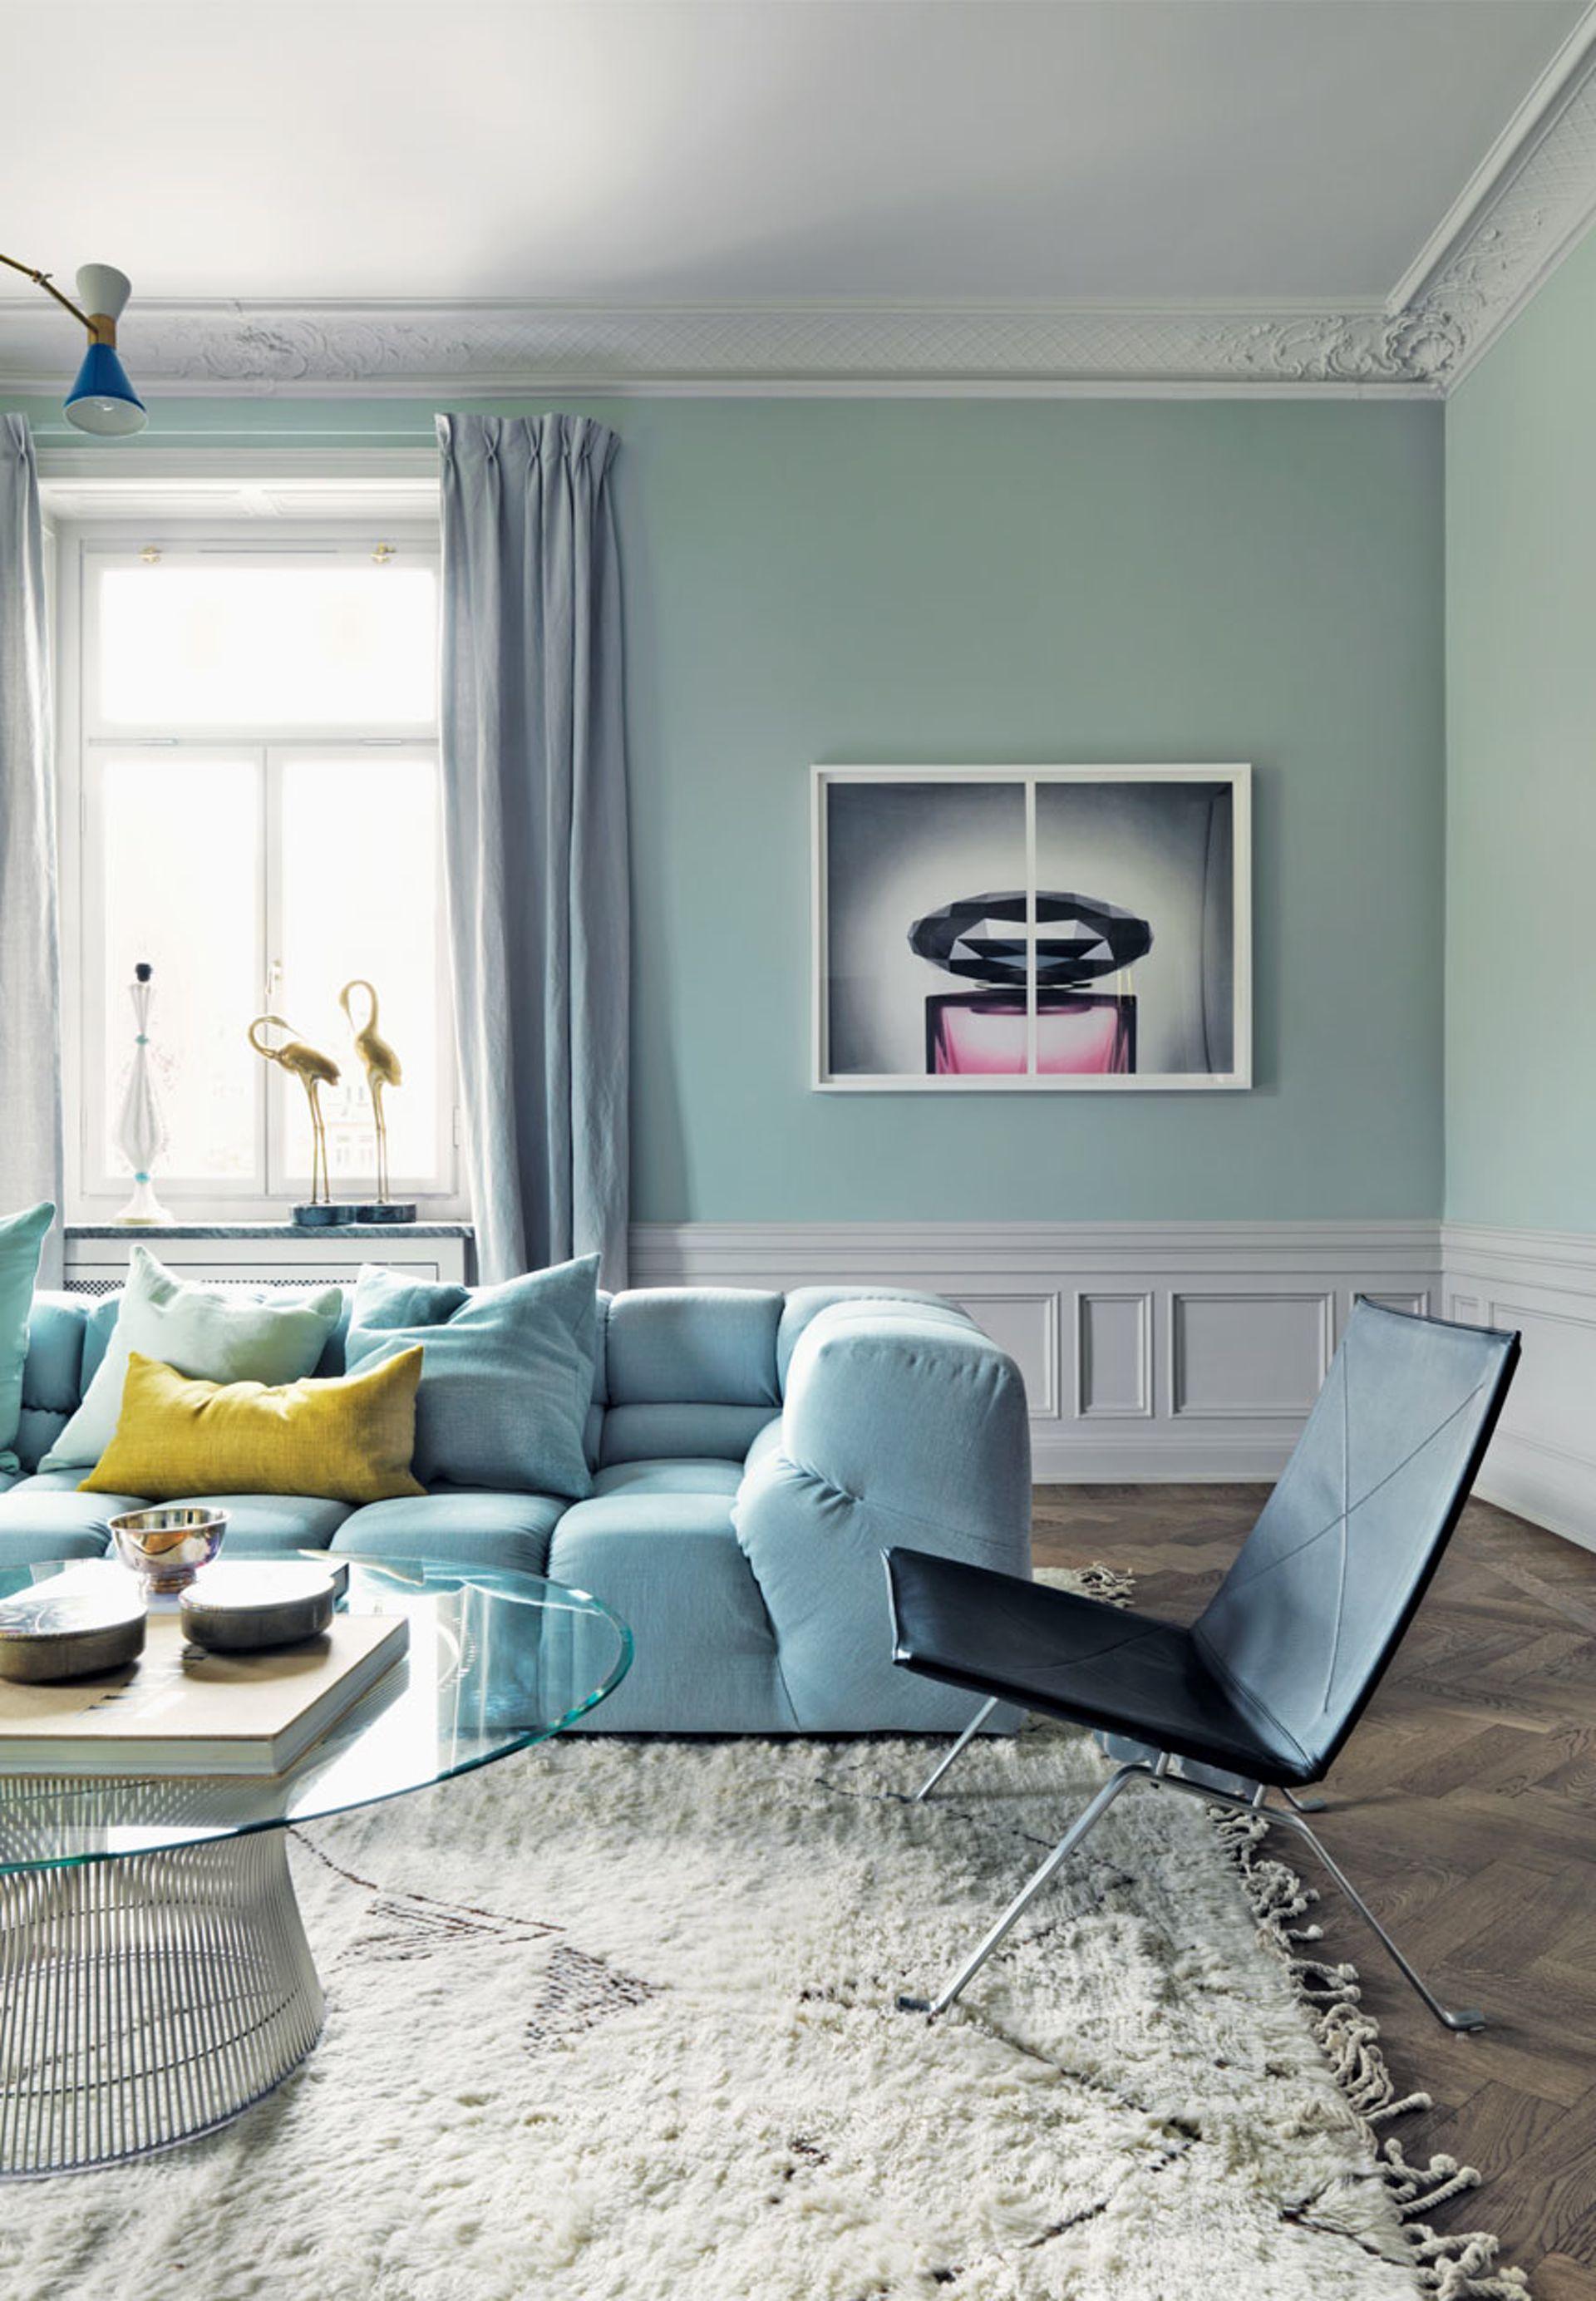 décoration vert céladon salon moulures canapé coussin bleu ciel - blog déco - clem around the corner